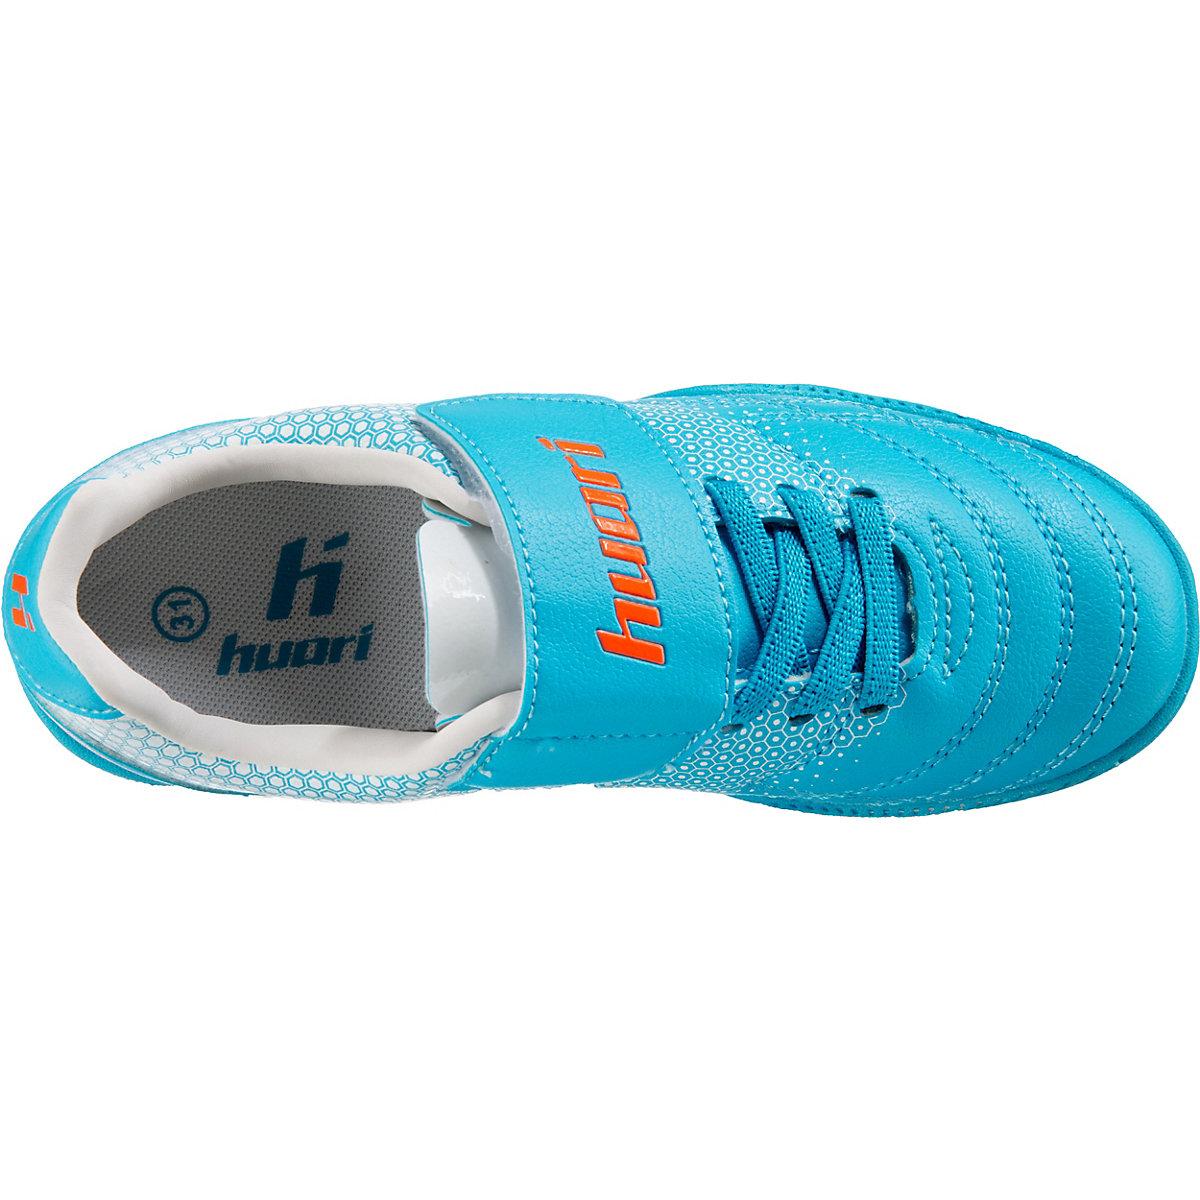 H huari, Fußballschuhe TACUARI für Jungen, blau